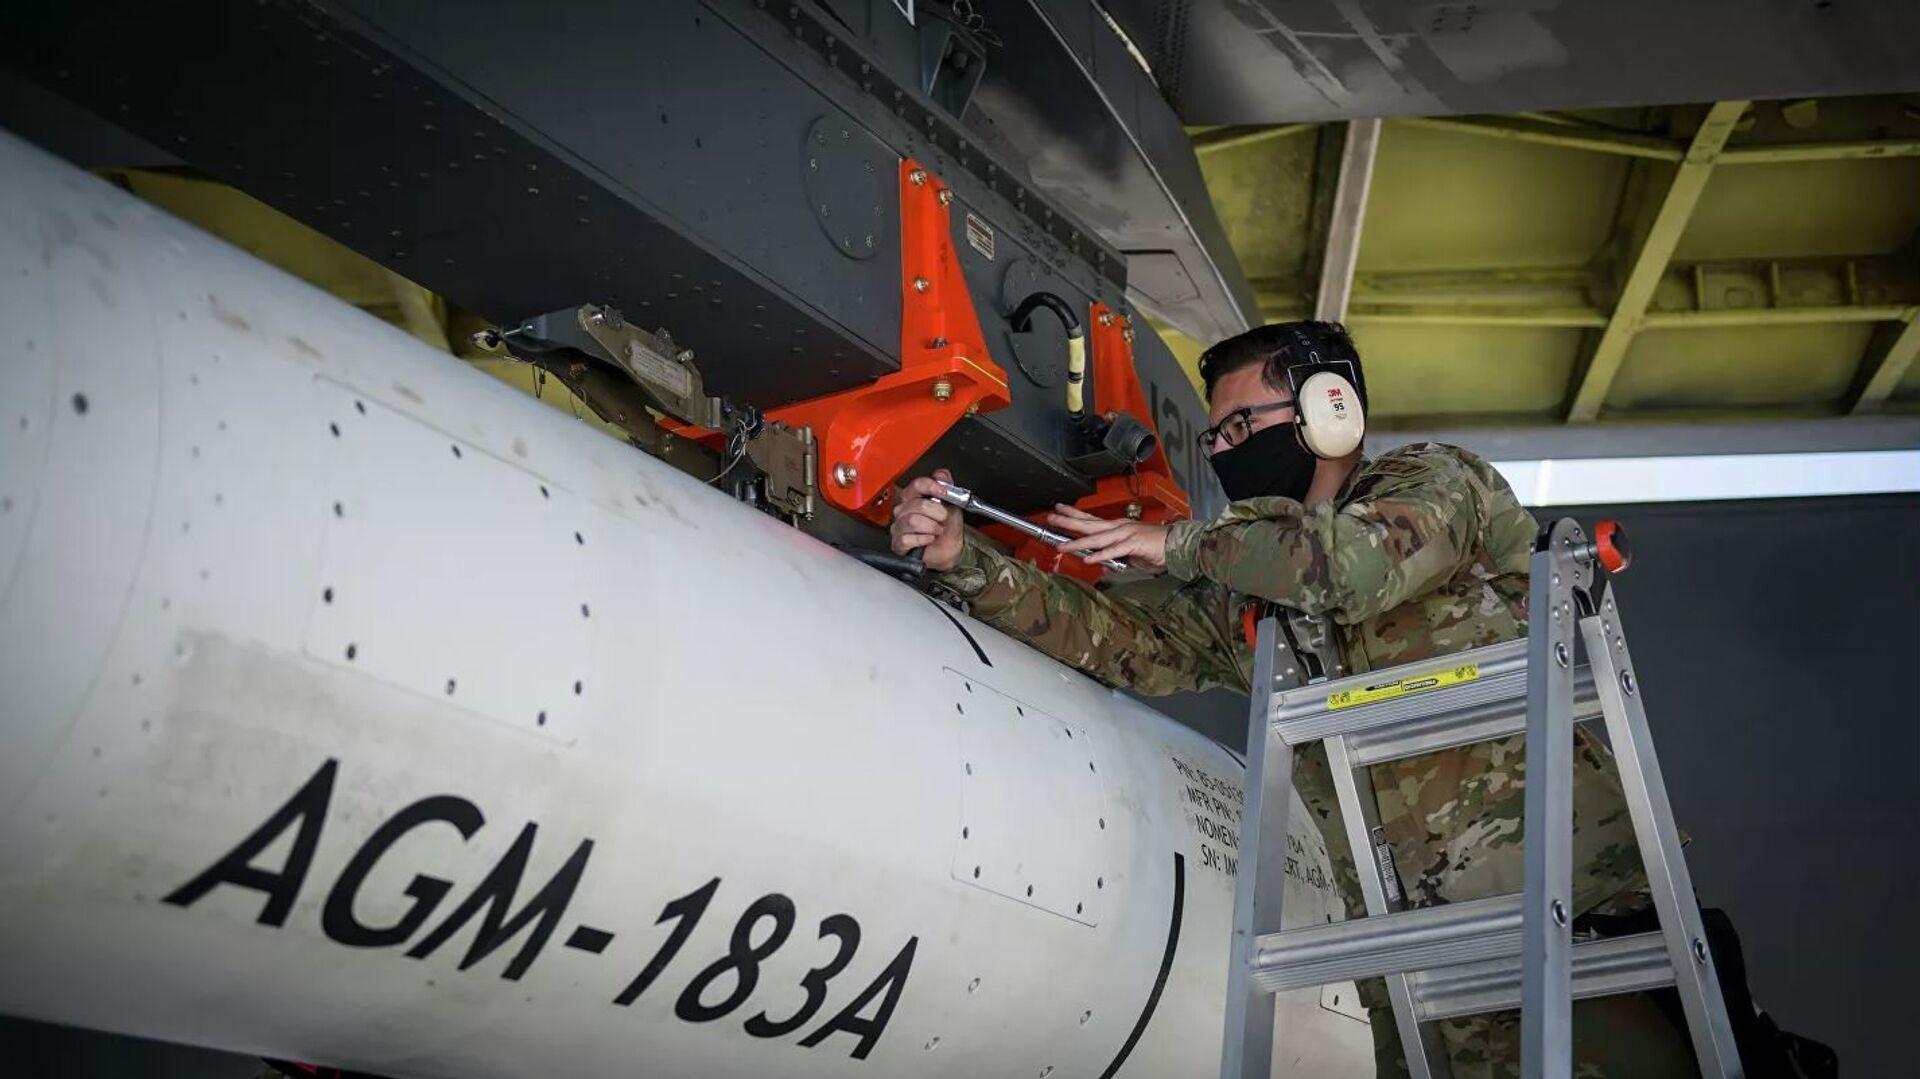 Испытания гиперзвуковой крылатой ракеты AGM-183A Air-Launched Rapid Response Weapon (ARRW) - Sputnik Таджикистан, 1920, 04.08.2021